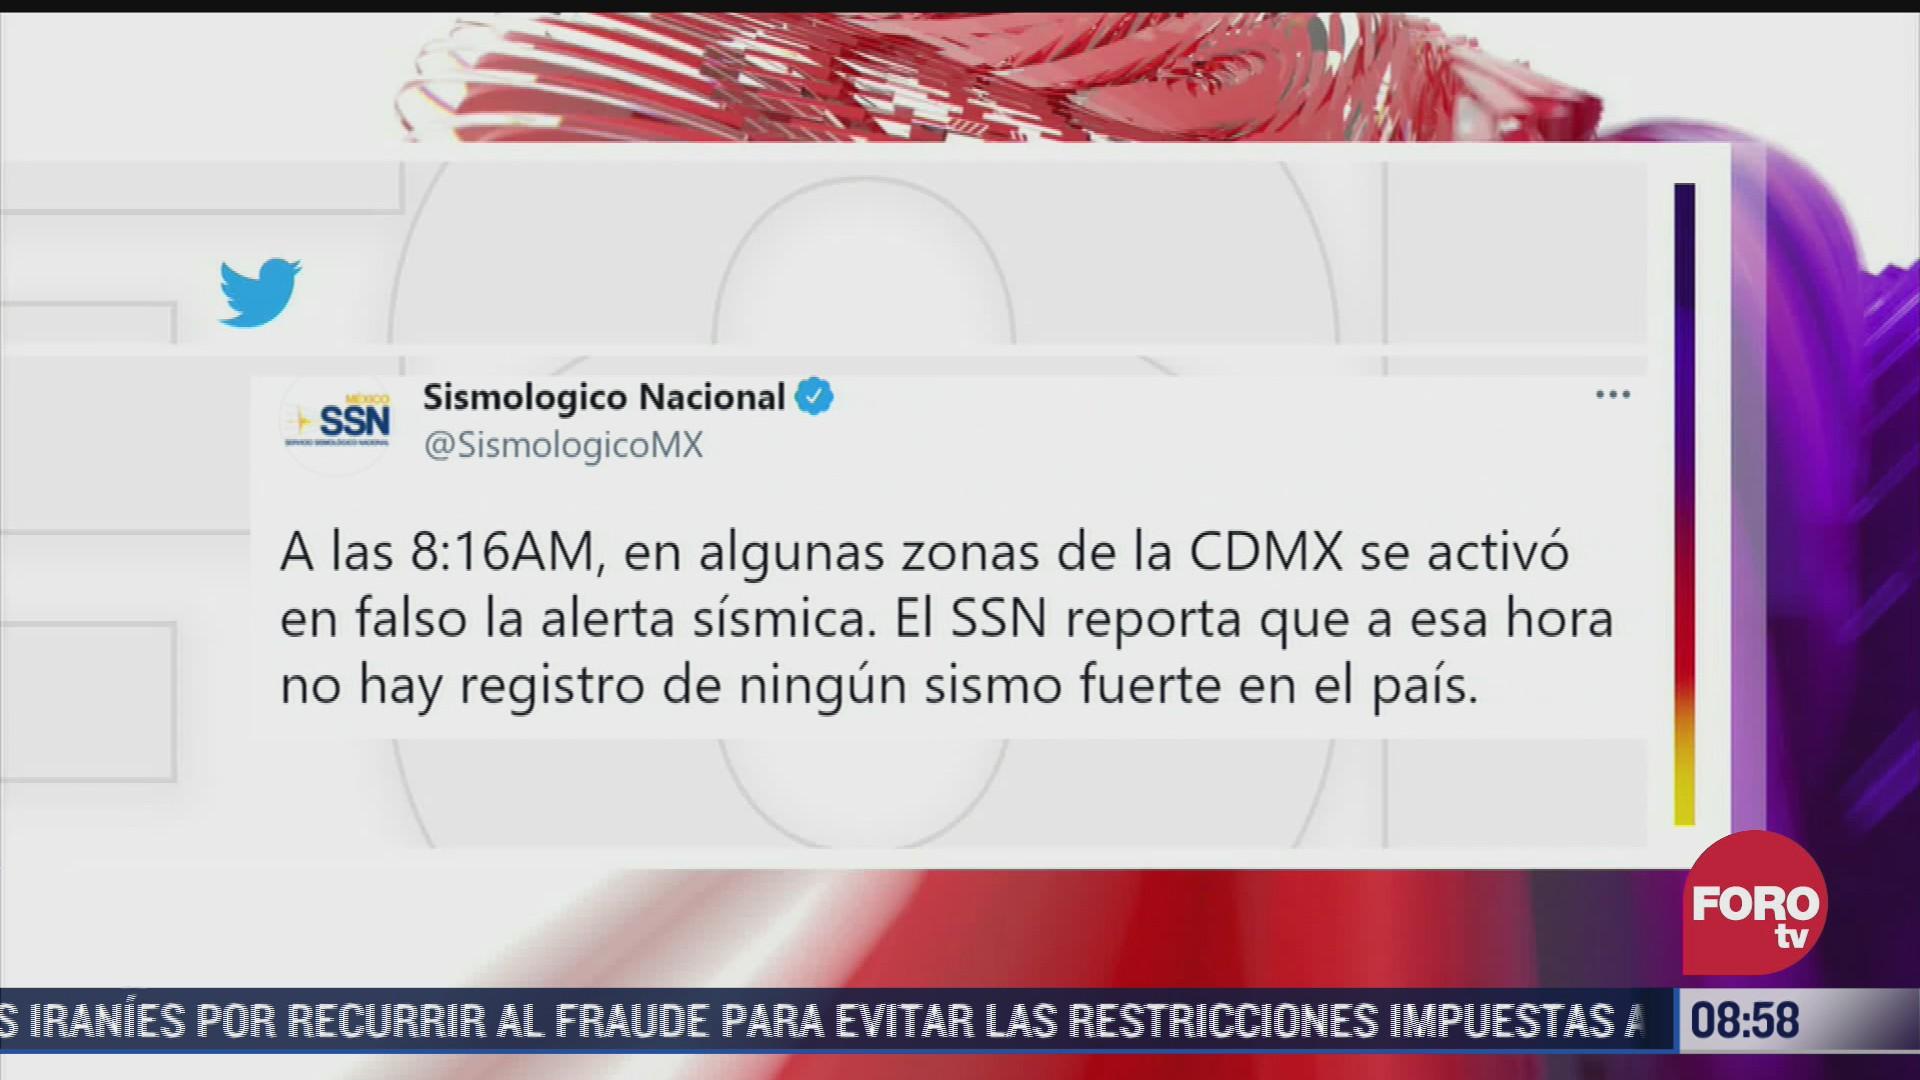 ssn confirma que se activo en falso alerta sismica en cdmx